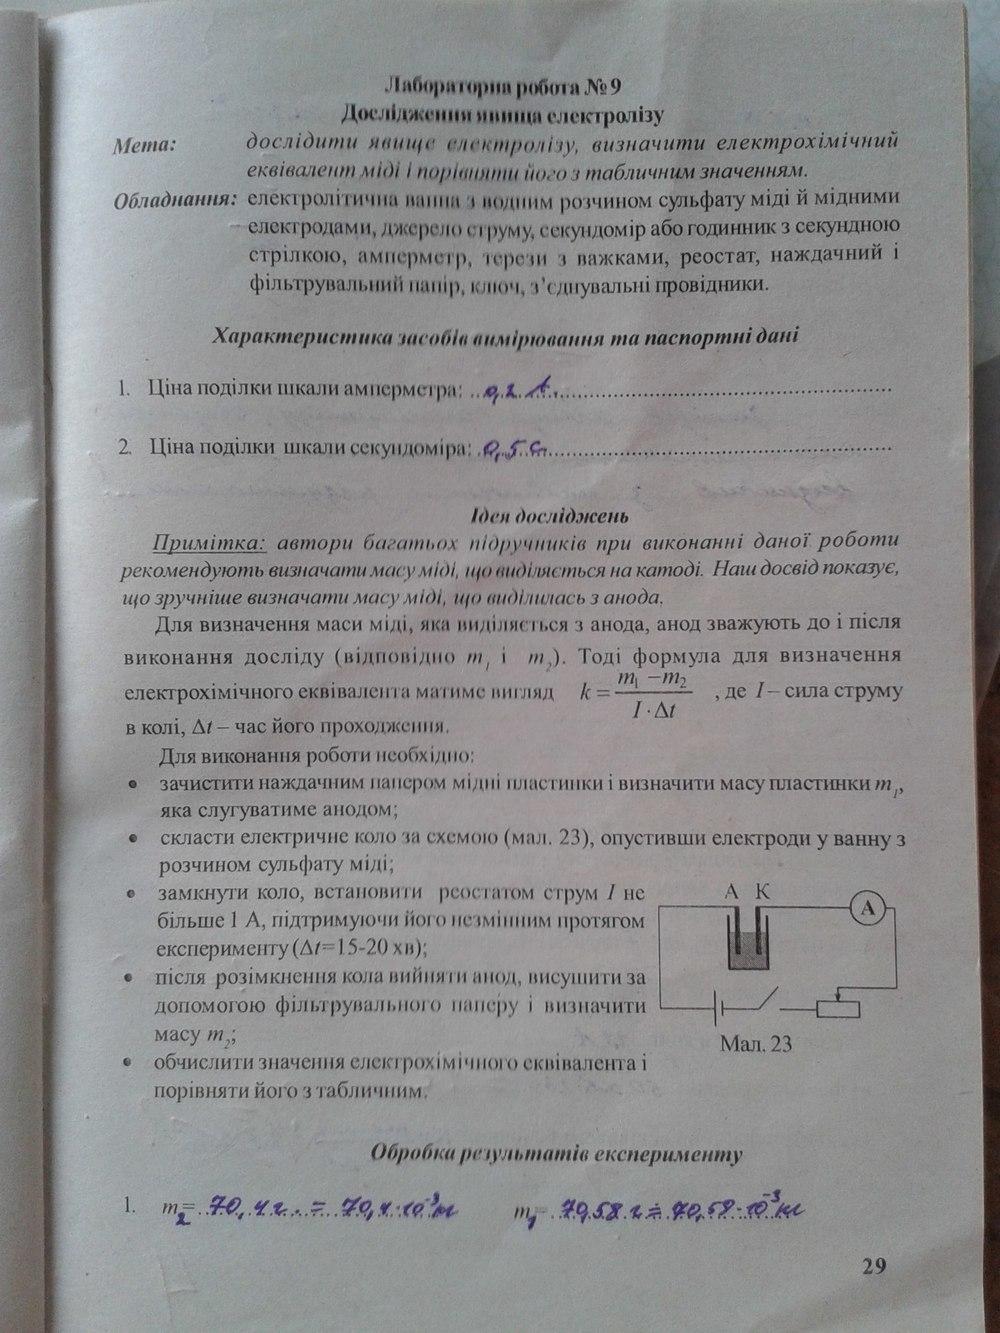 гдз лабораторних робіт з фізики 7 клас левшенюк